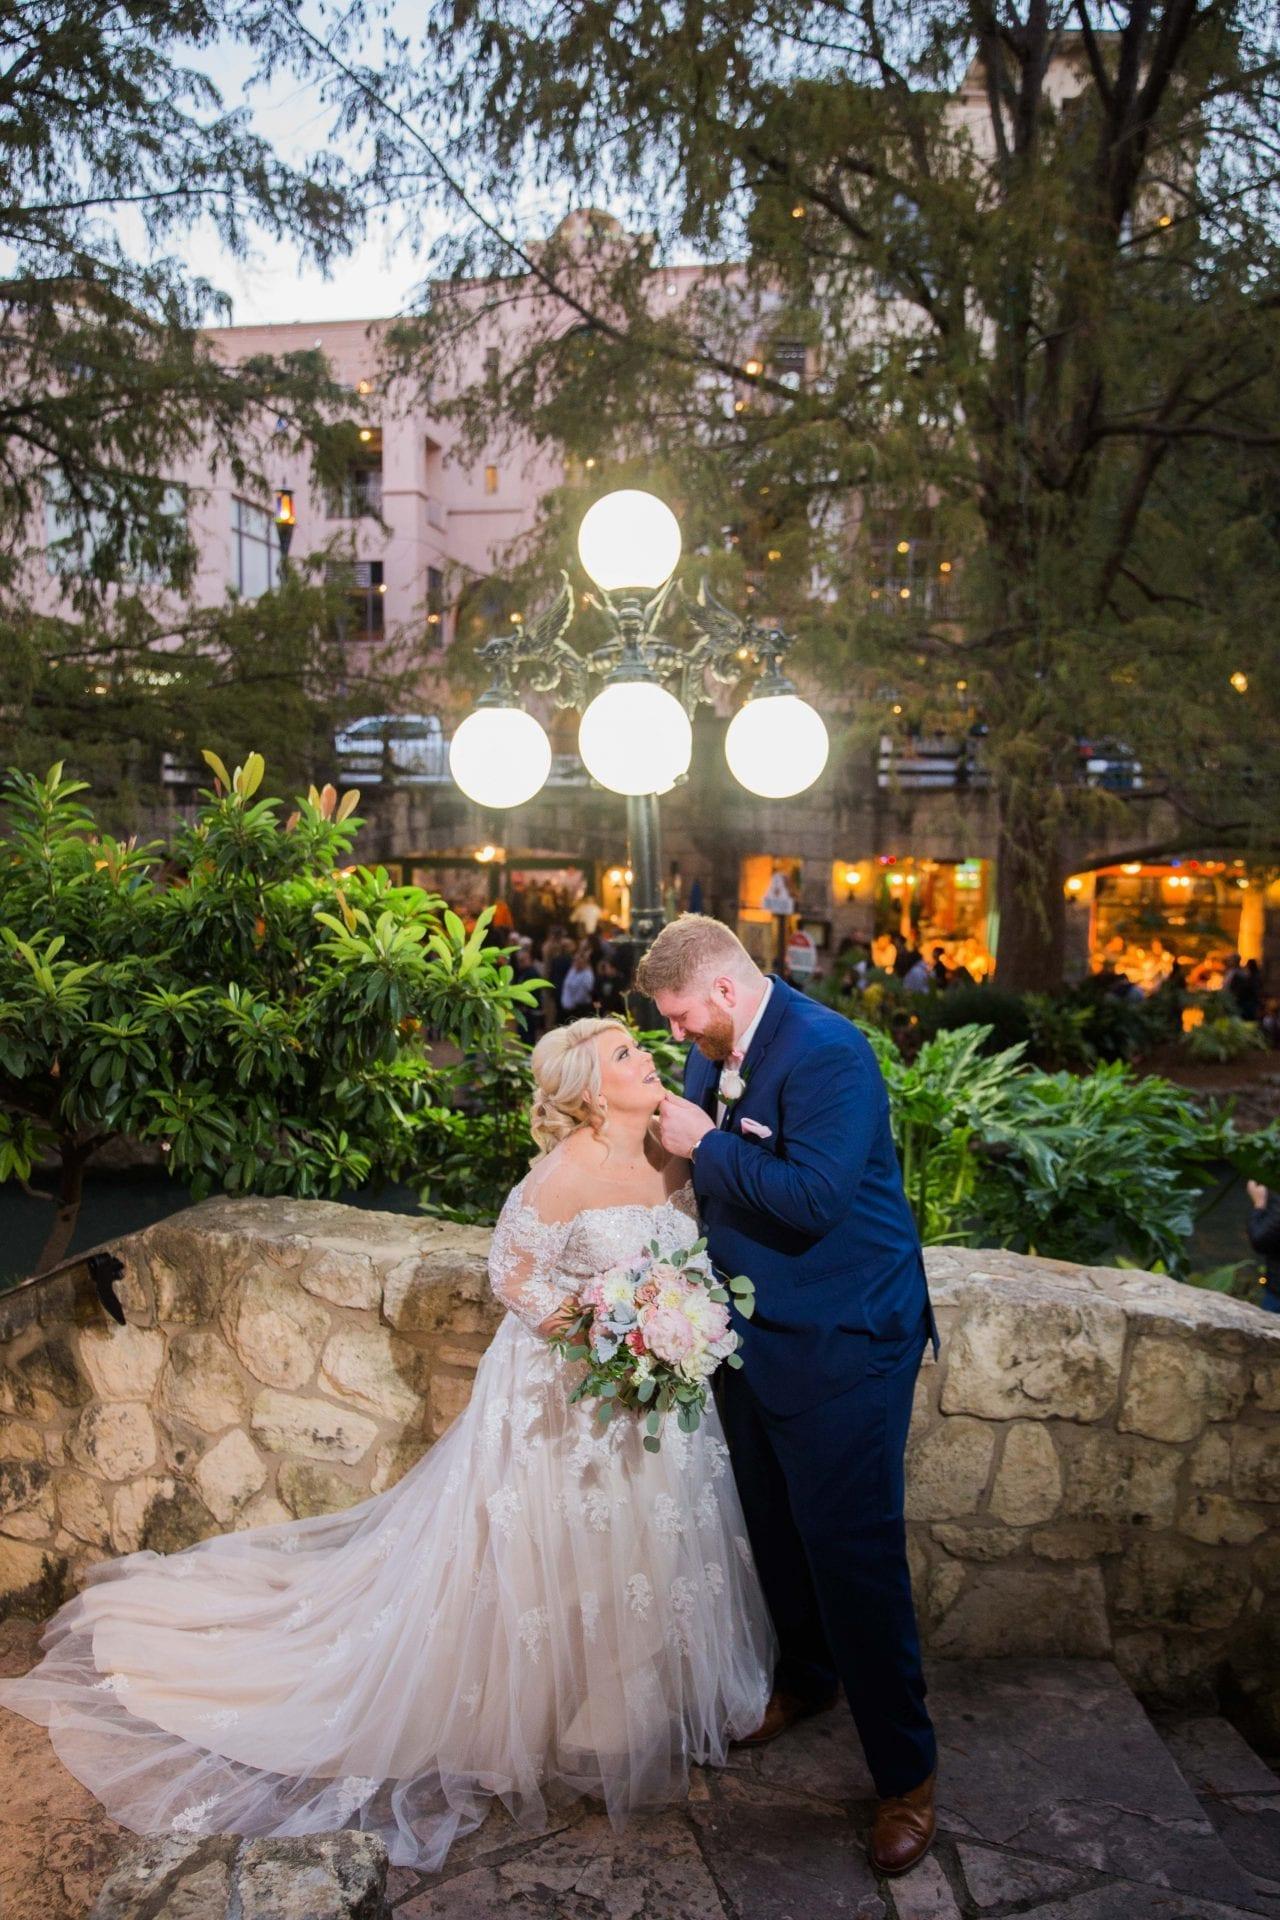 Crawford wedding Omni Del Mansion riverwalk portrait under light